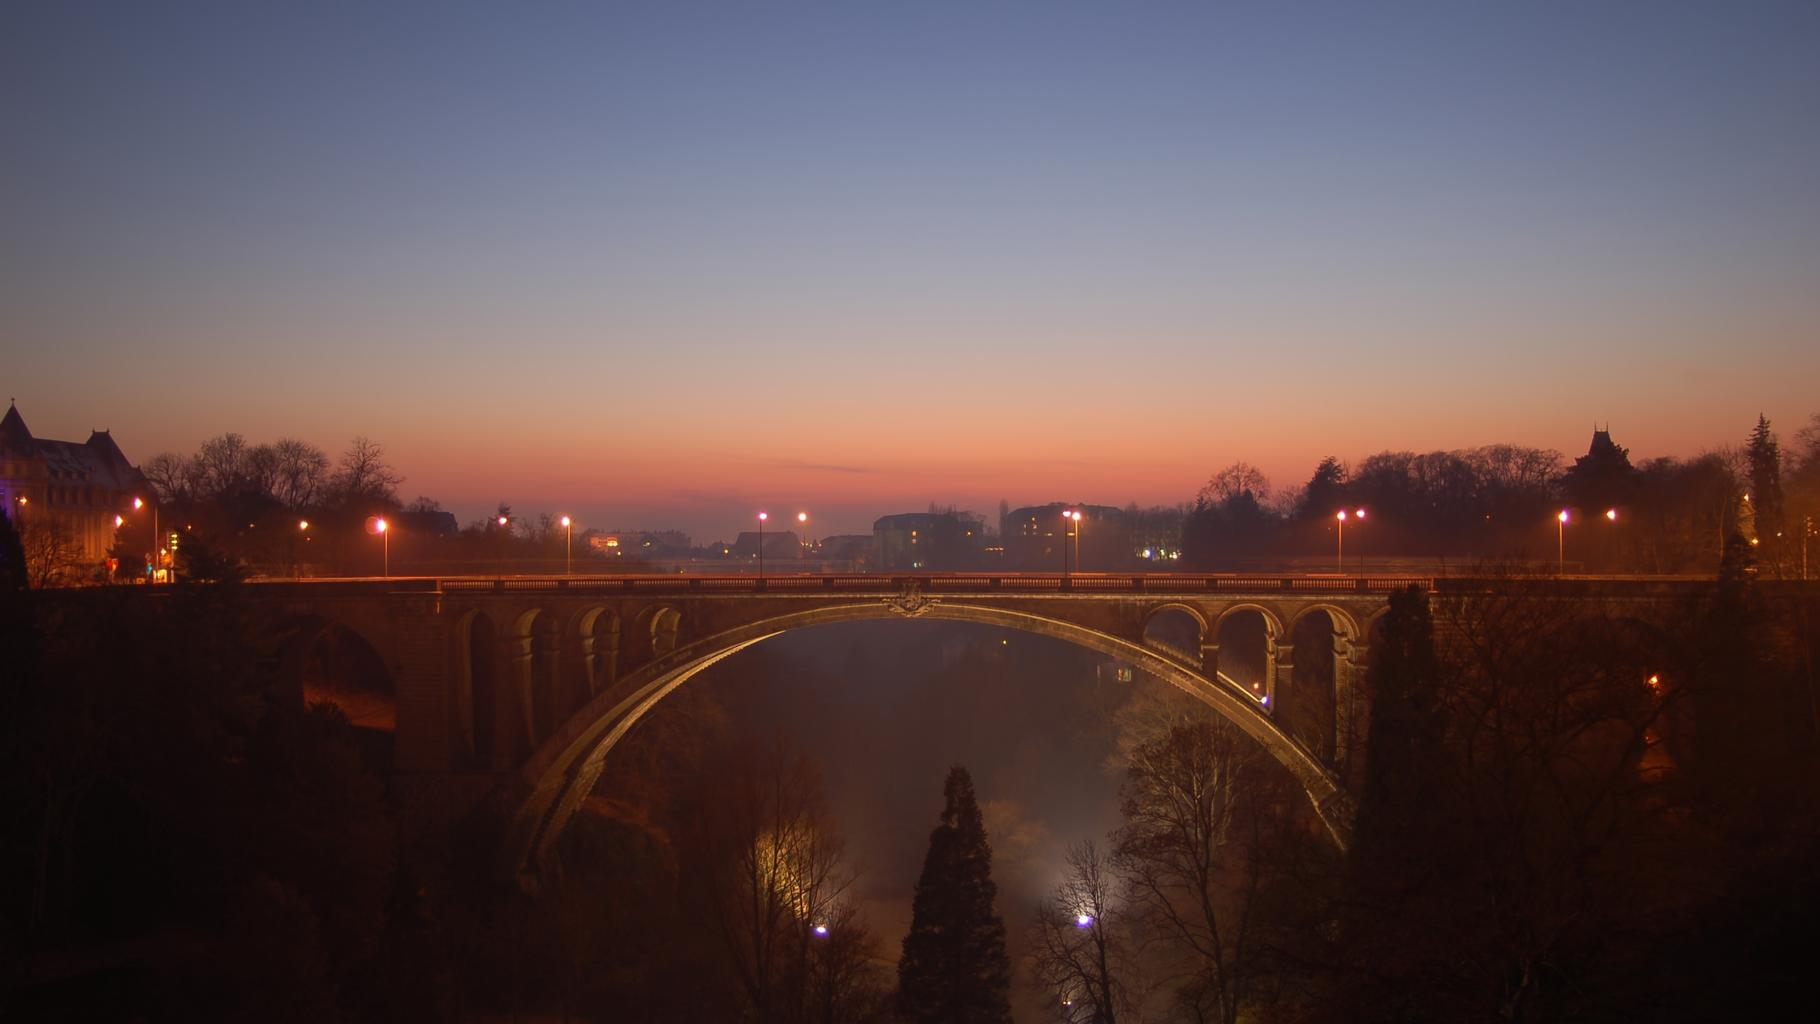 Adolphe-Brücke in der Dämmerung